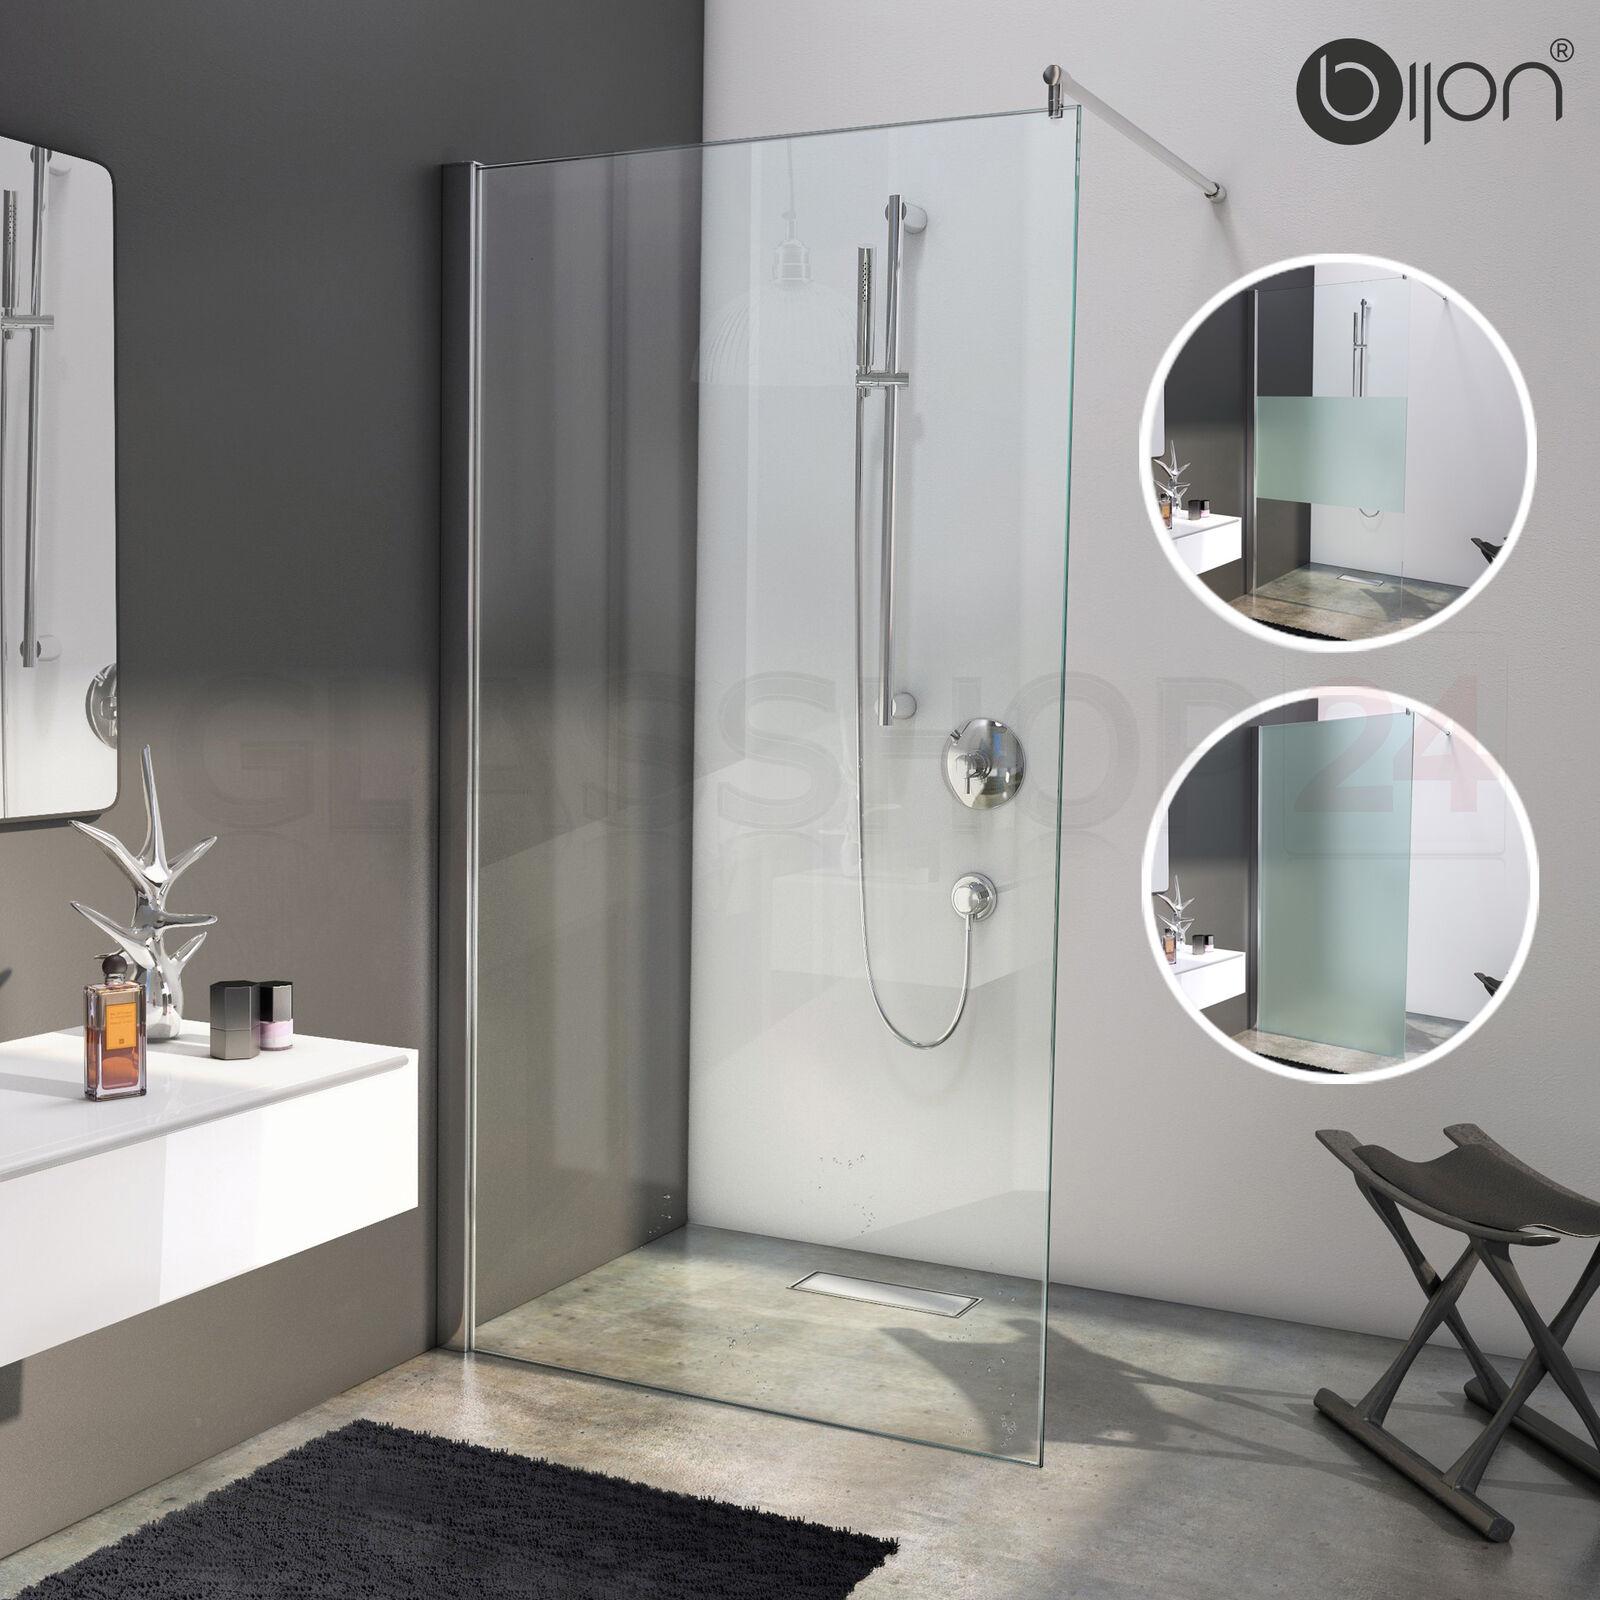 Design Duschwand Walk in Dusche mit Nanoeffekt   Duschtür Duschabtrennung Glas